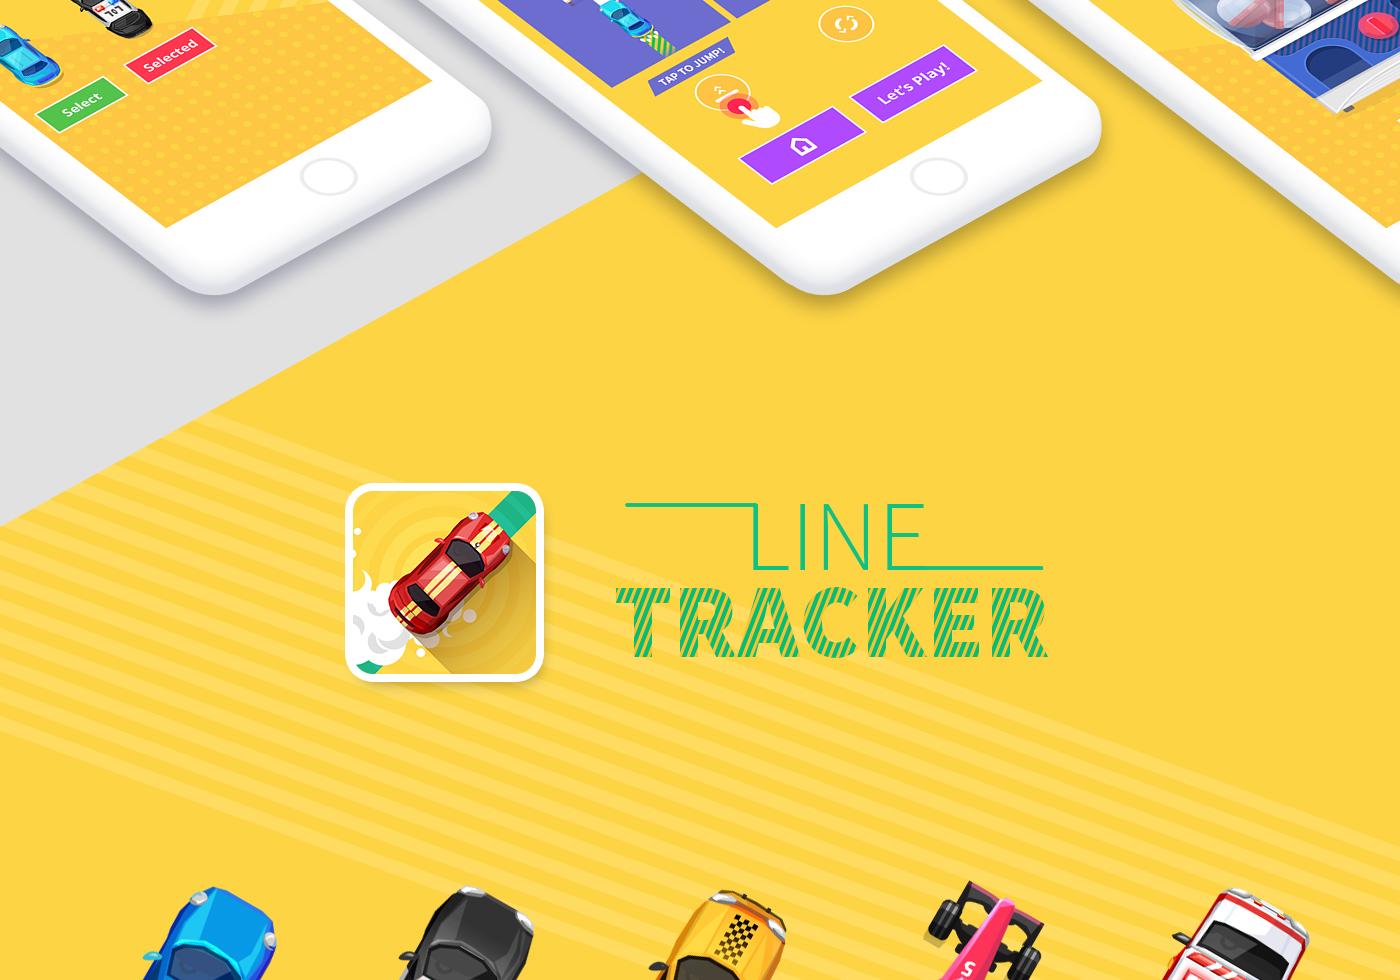 linetracker_02